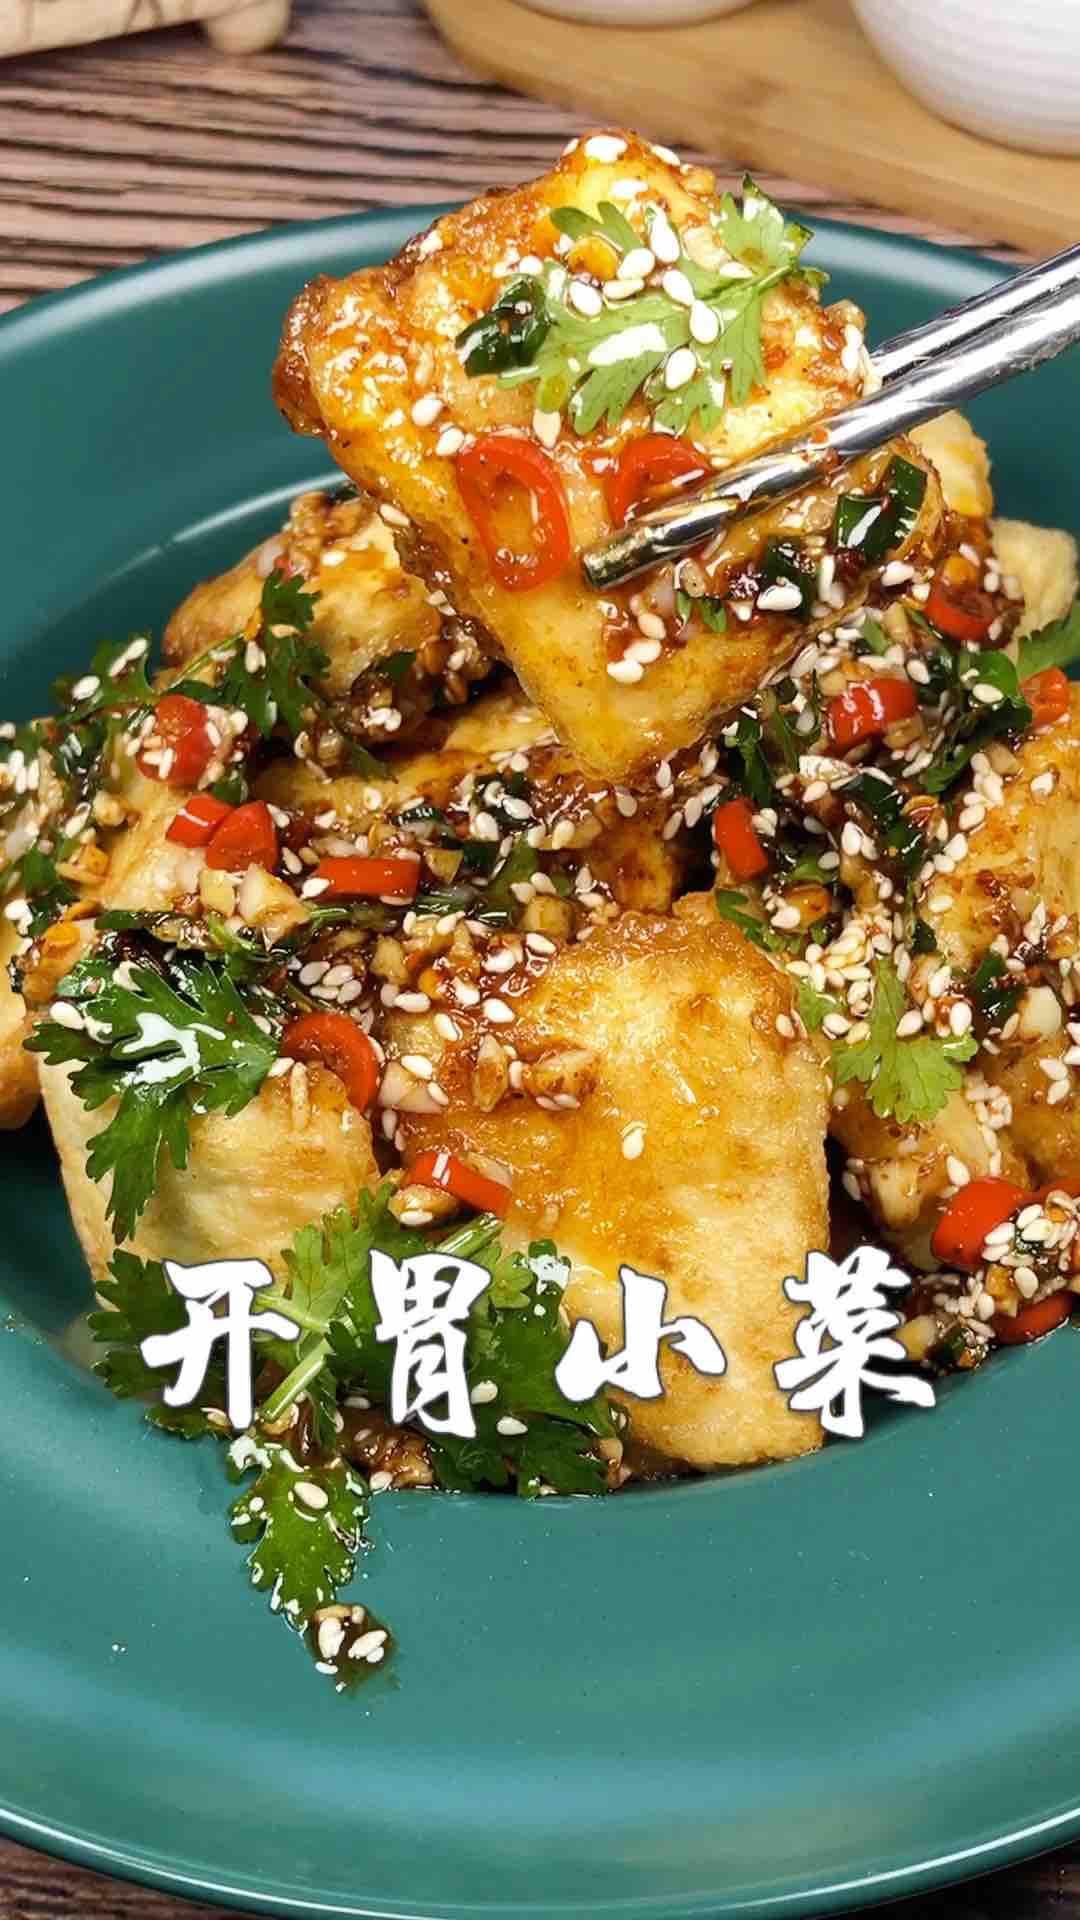 0失败的开胃小菜,香辣豆腐